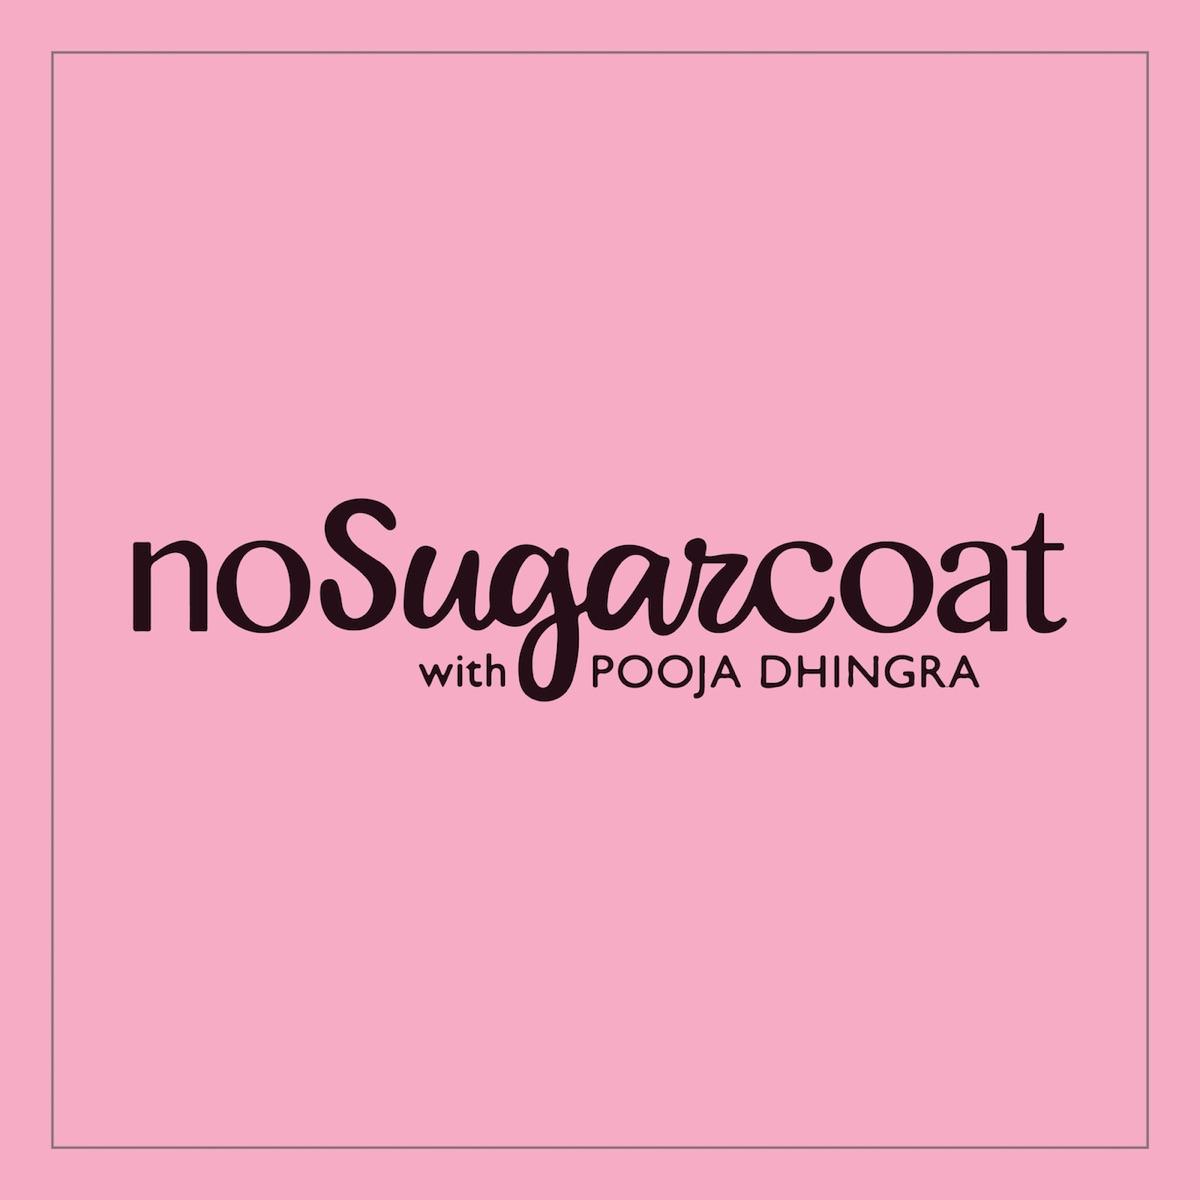 NoSugarCoat with Pooja Dhingra